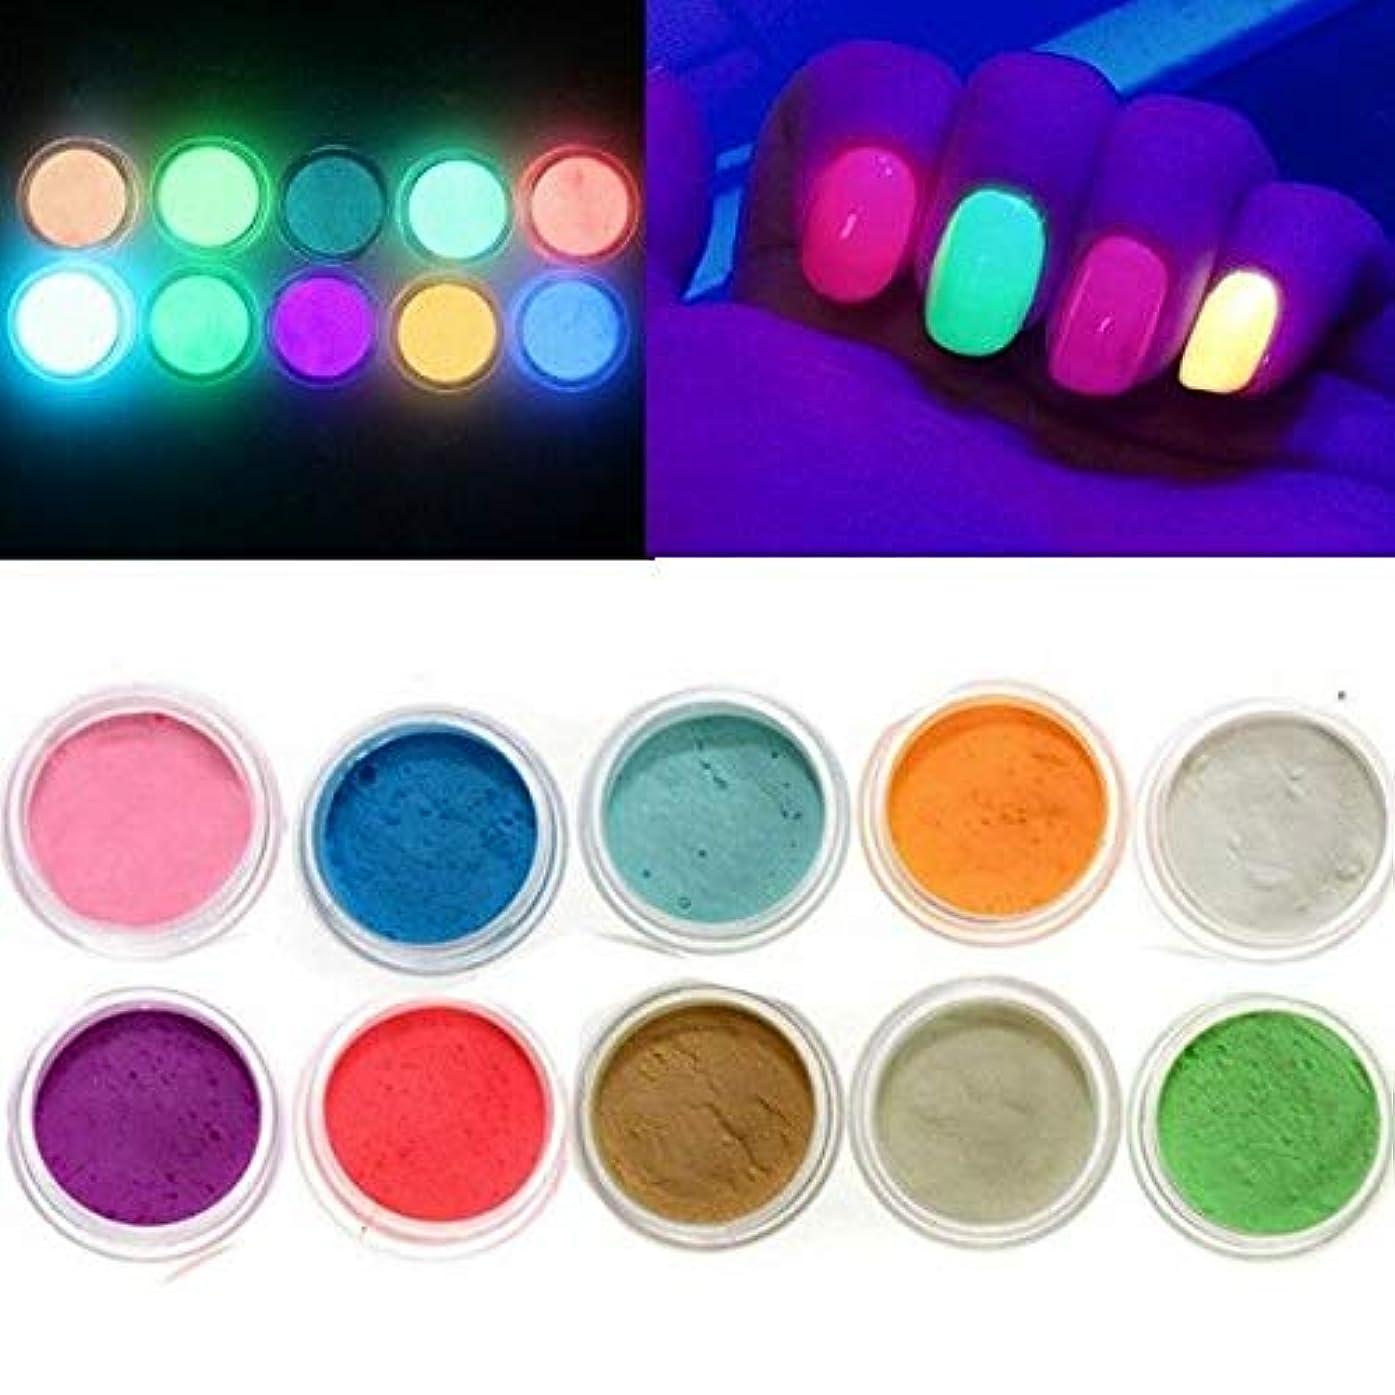 トークン差別するなしでFidgetGear 10色は暗い釘の蛍光タトゥーのアクリルの粉の装飾で光ります